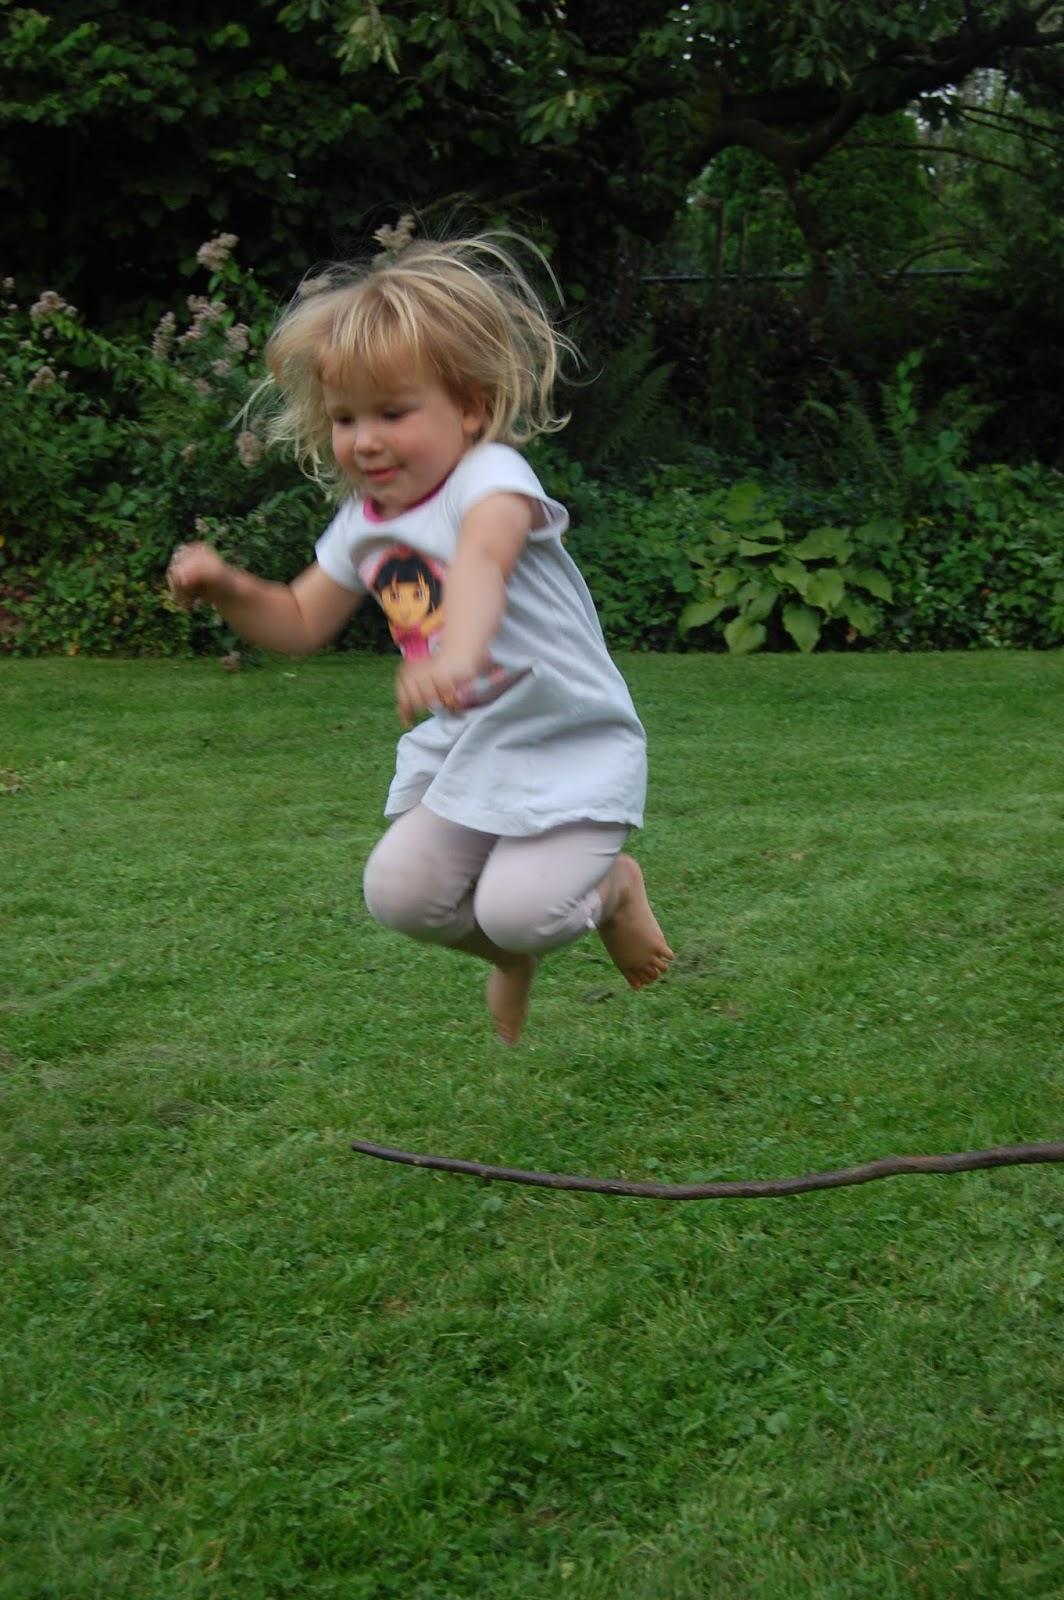 beweging voor kinderen